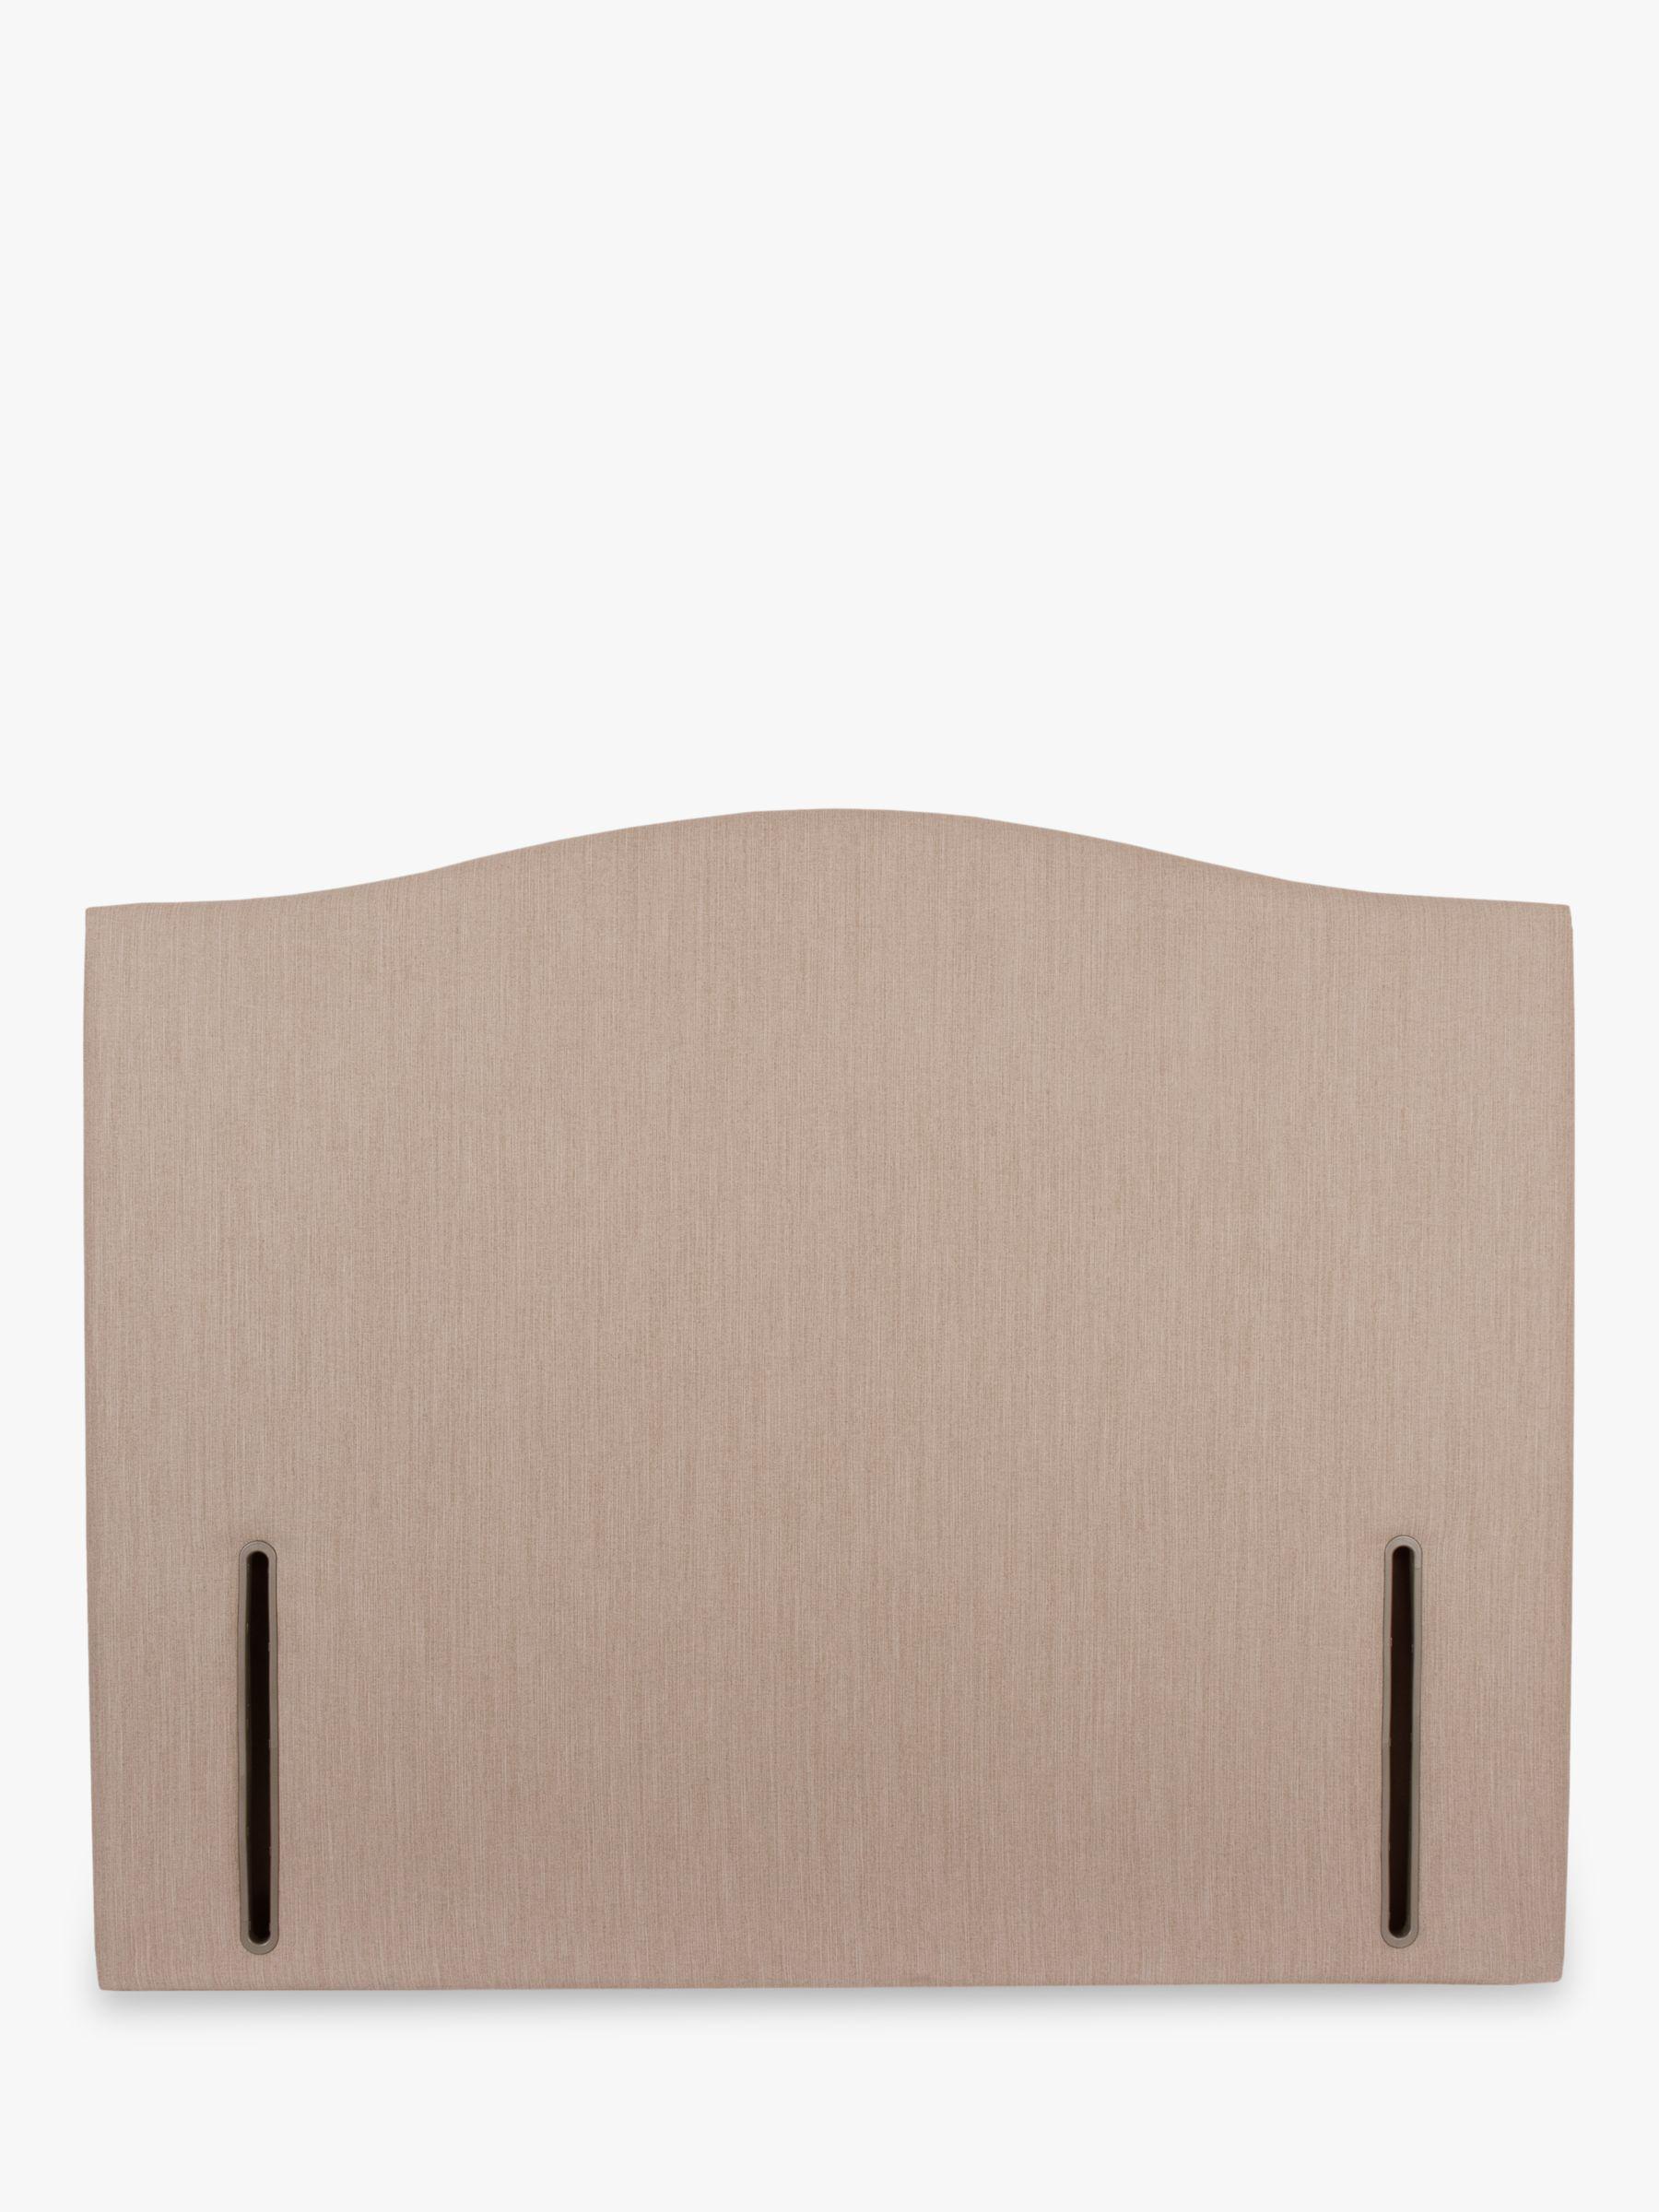 John Lewis & Partners Charlotte Full Depth Upholstered Headboard, King Size